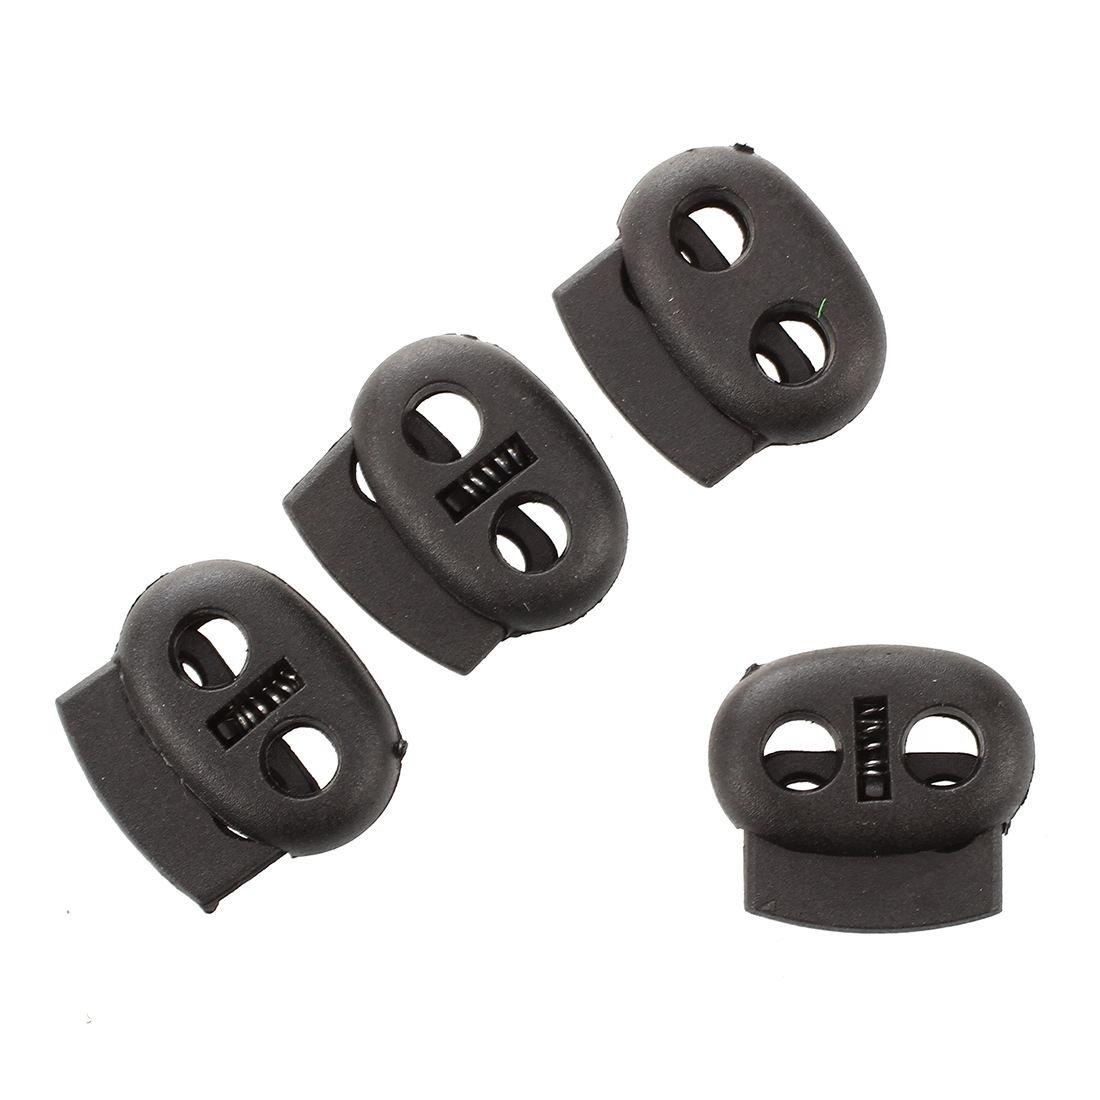 R SODIAL 20 Pcs 2 trous 3,6mm Cordon de serrage serrures de corde Ressorts Toggles Noir